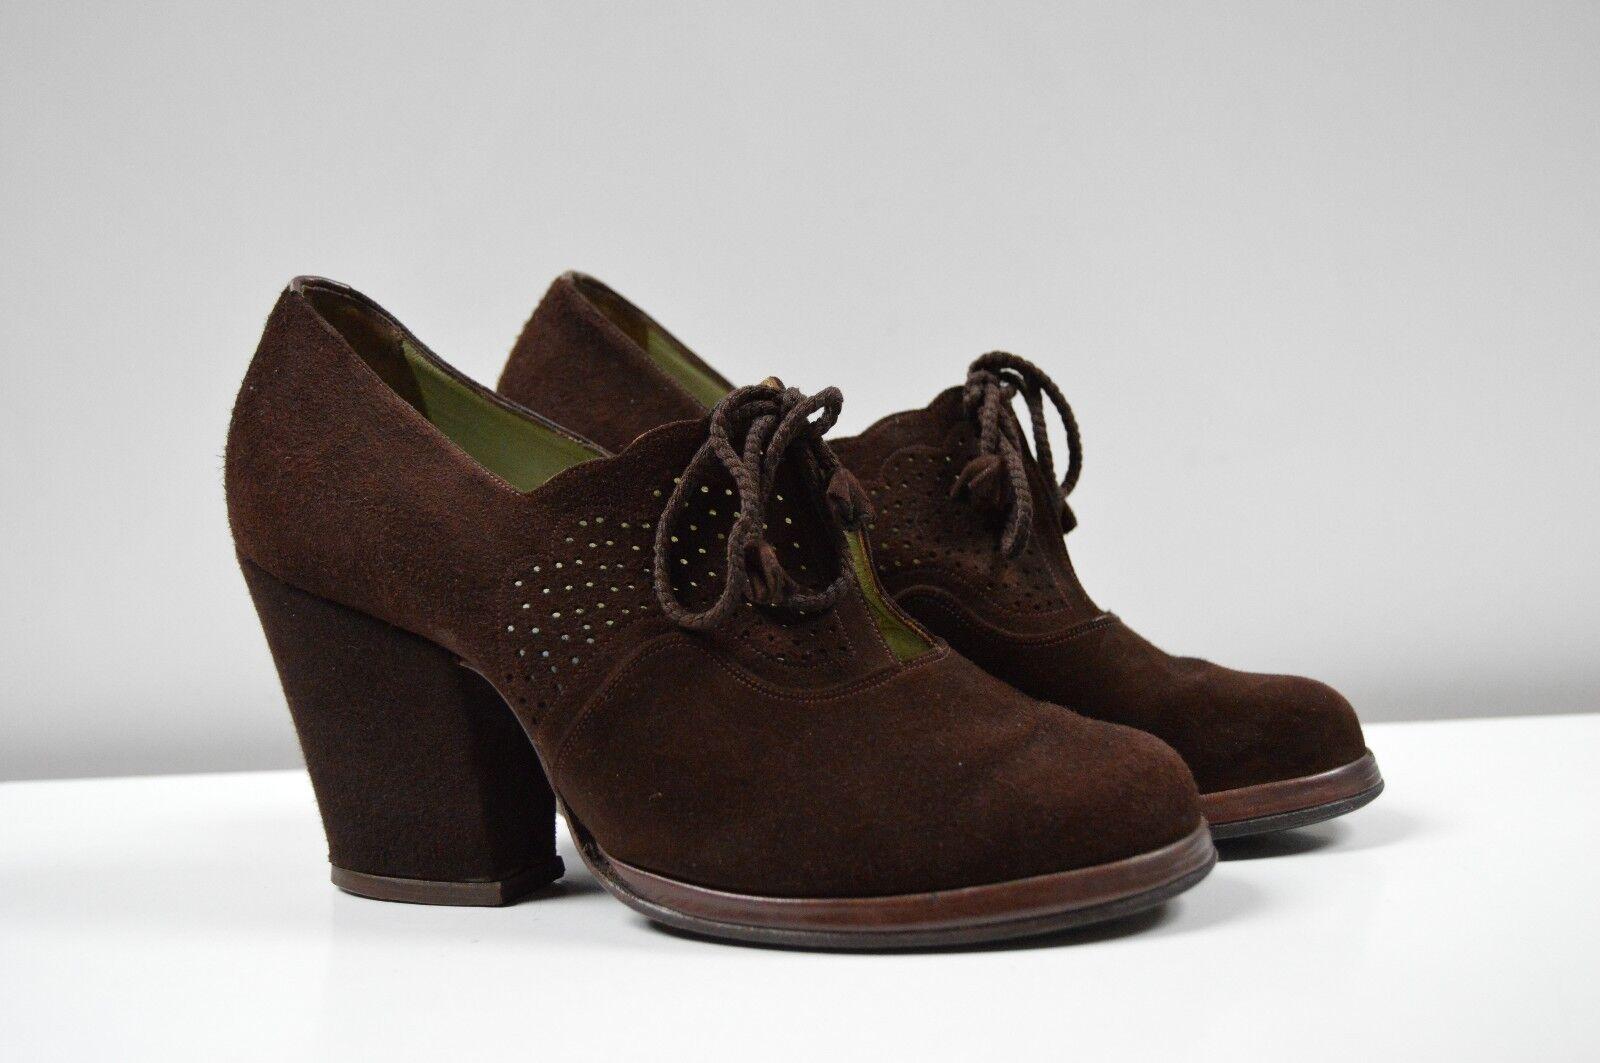 Plataforma pumps paraíso paraíso paraíso zapato emperador & Ciel 30er True vintage 30´s schnürzapatos  Ven a elegir tu propio estilo deportivo.